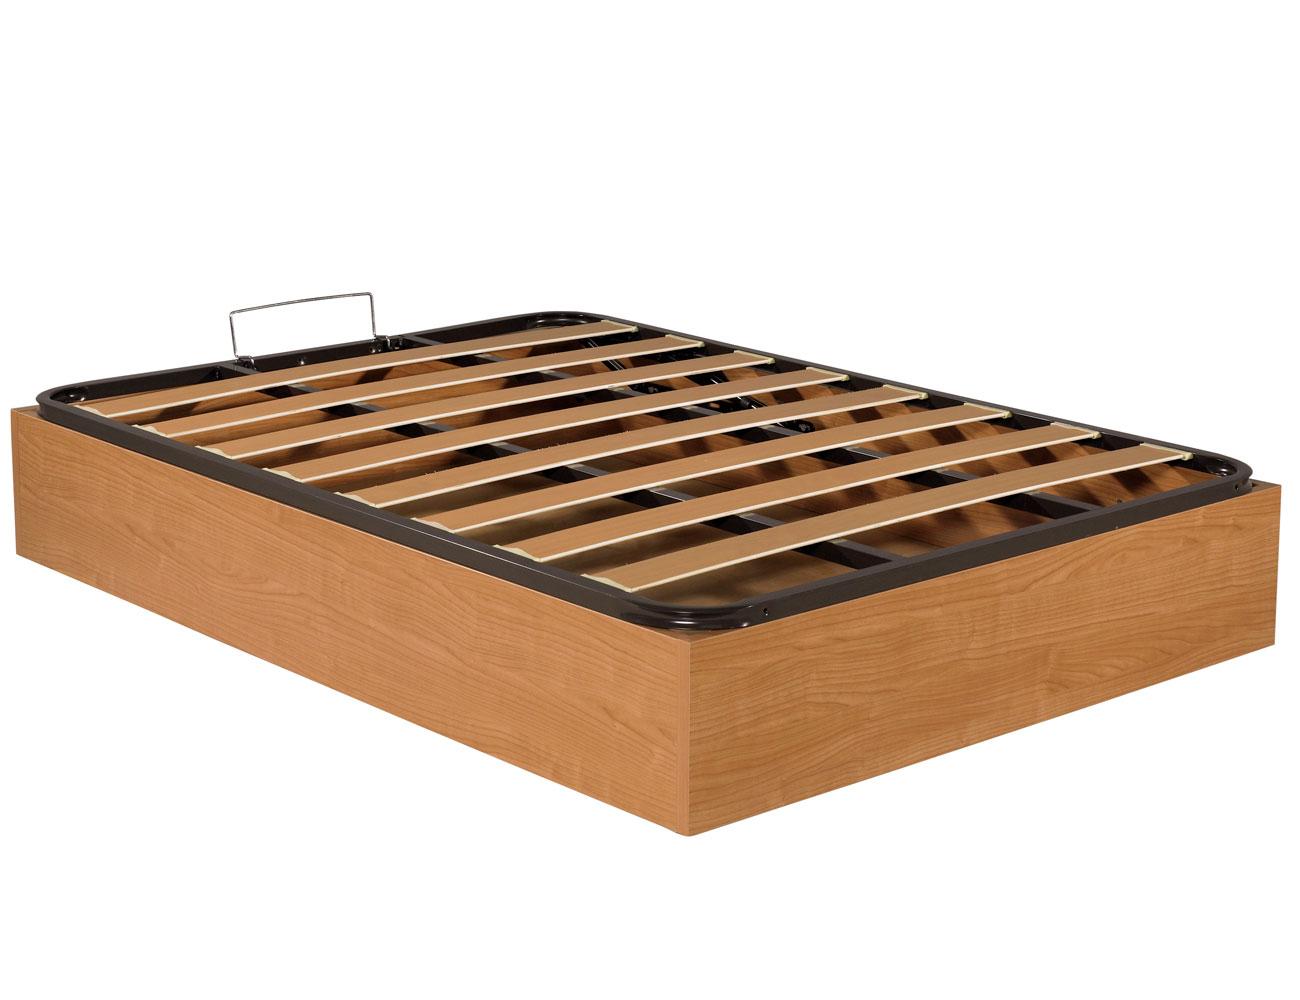 Canape madera somier basic nogal cerrado2